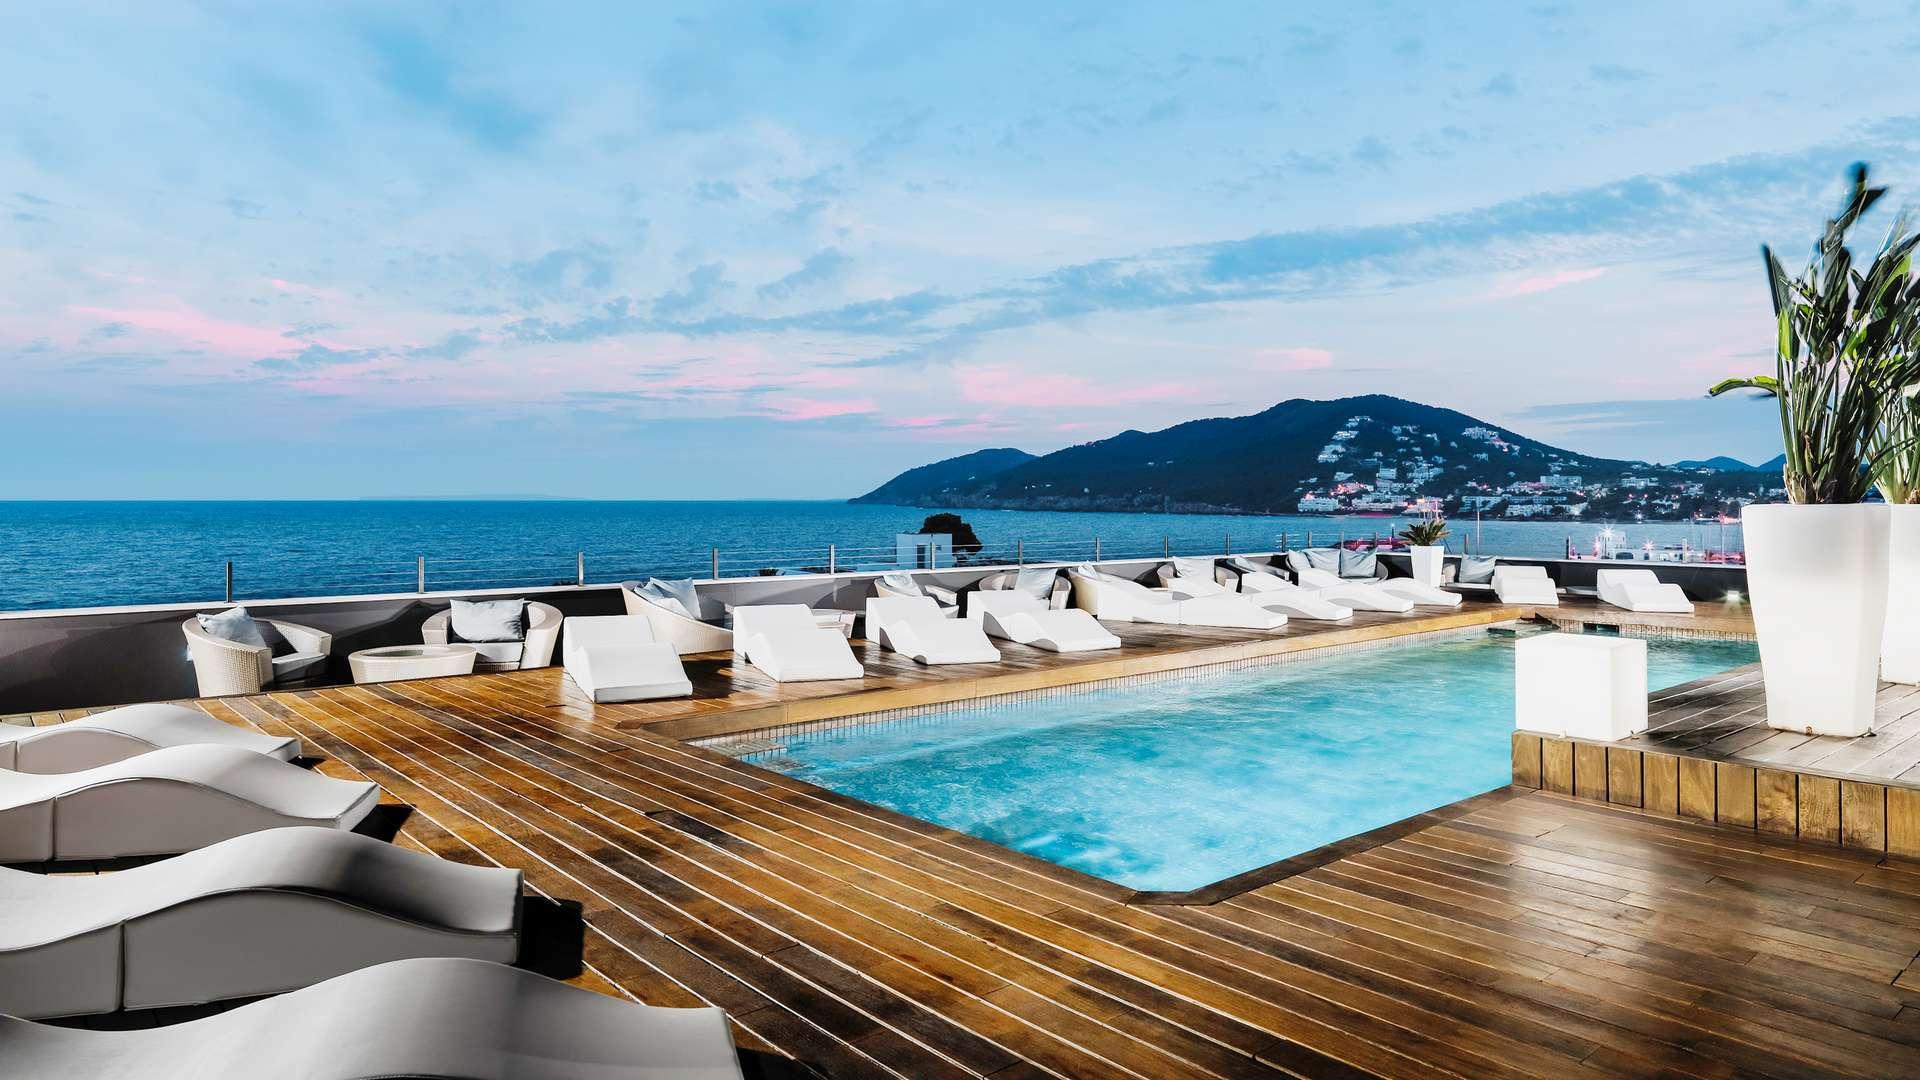 Ibiza Villas   The Best Villas in Ibiza   Kuoni